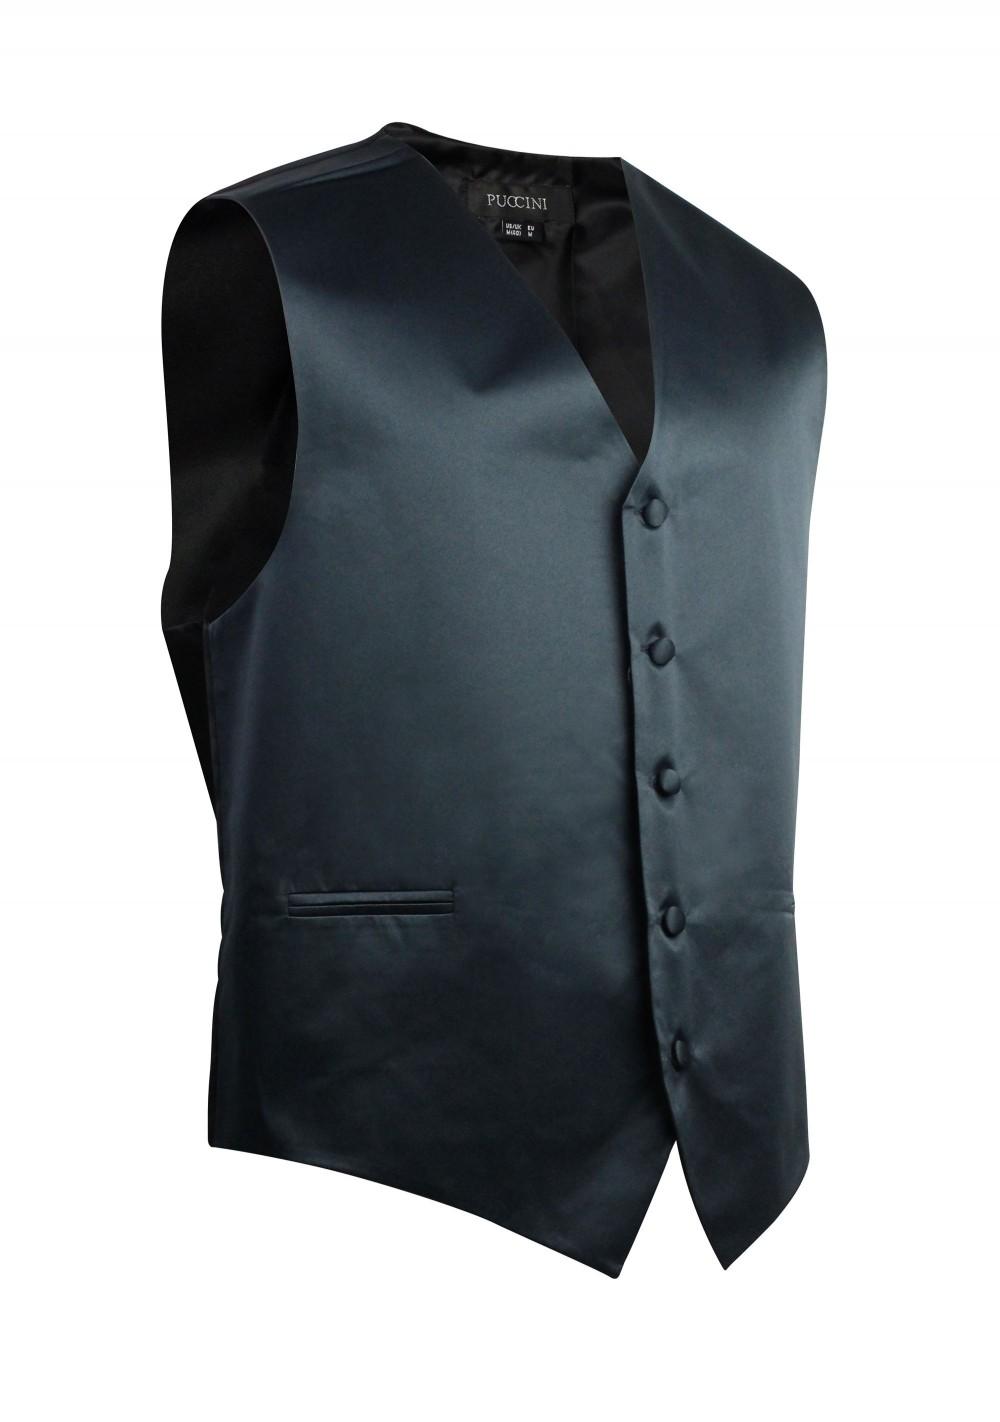 Kids Vest in Charcoal Gray Satin